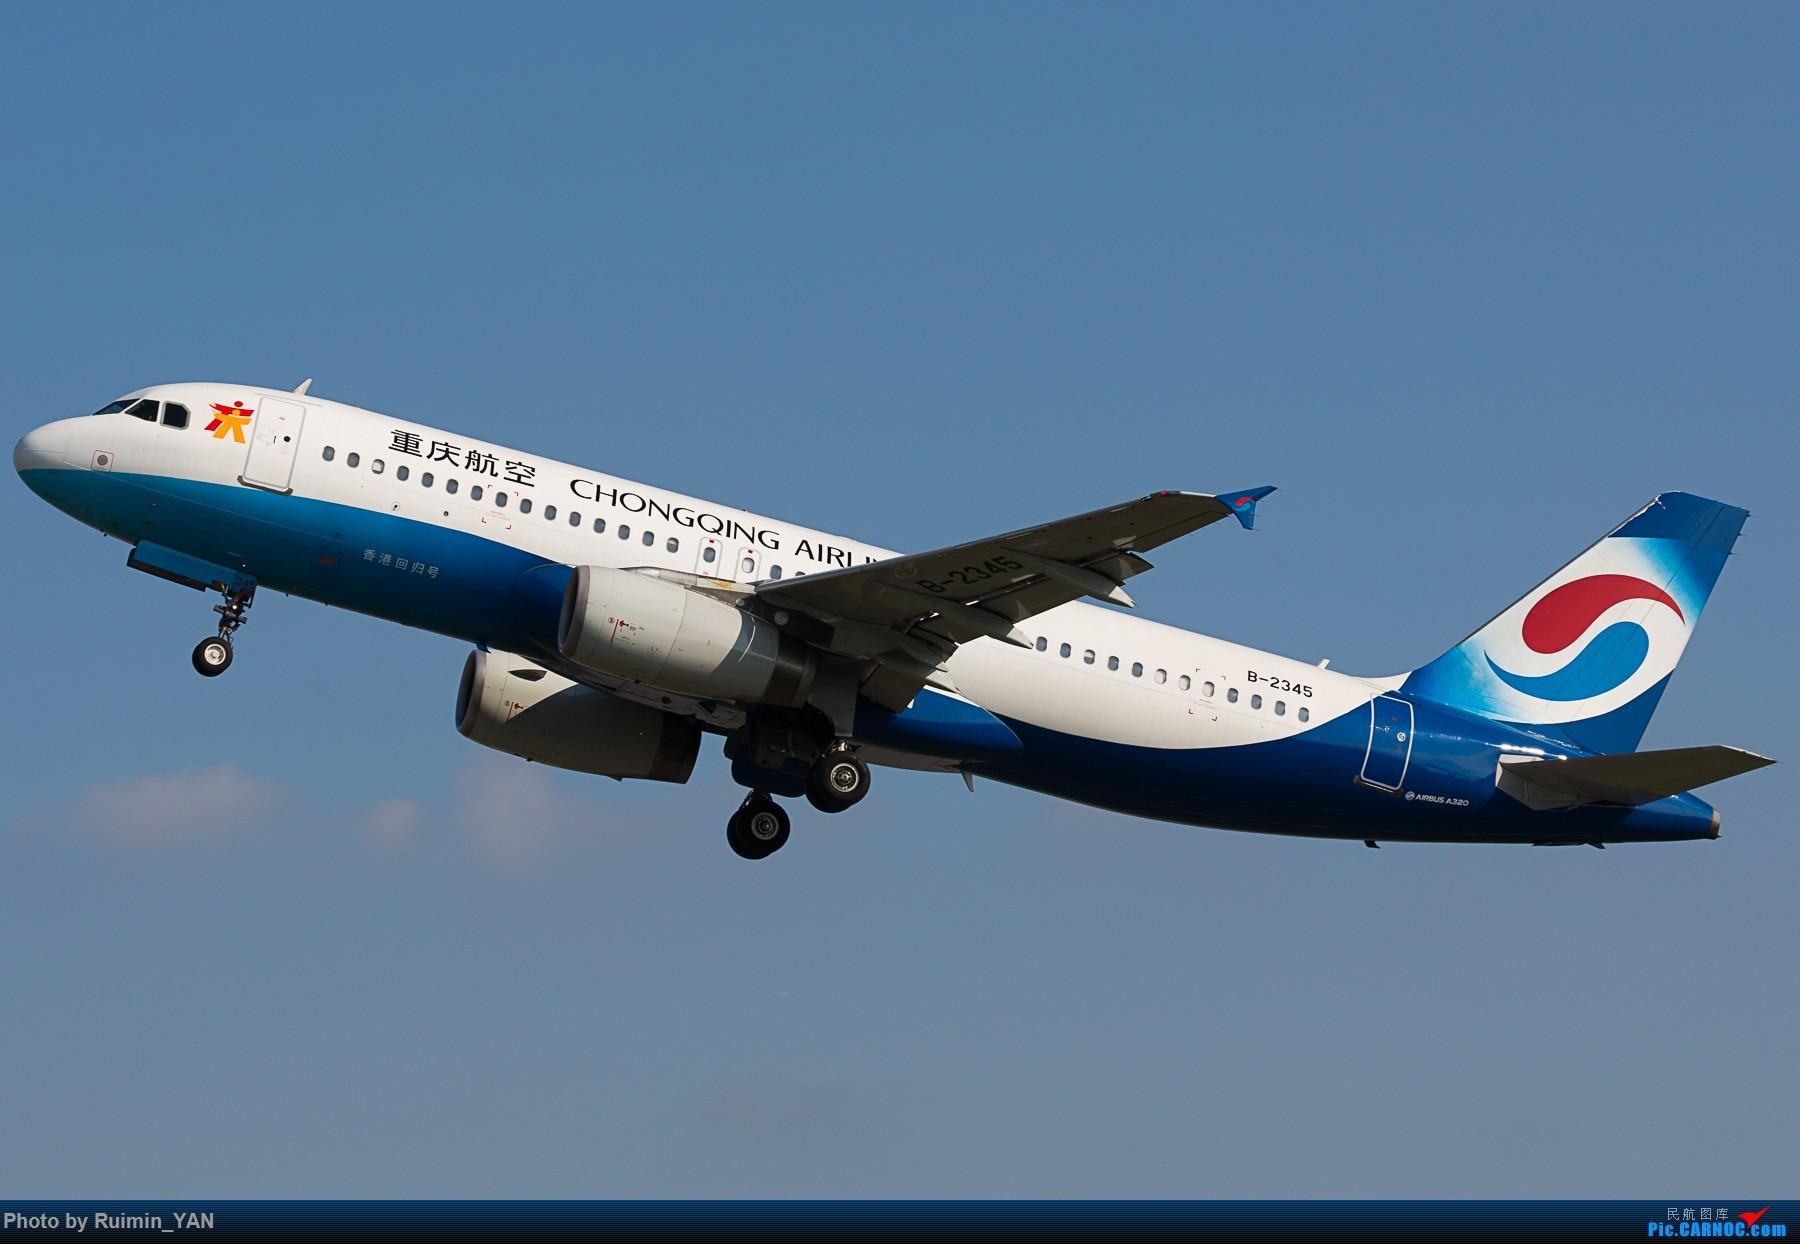 Re:[原创]【CAN】【彩绘】重庆航空(OQ) 香港回归号 B-2345 A320 AIRBUS A320-200 B-2345 中国广州白云国际机场